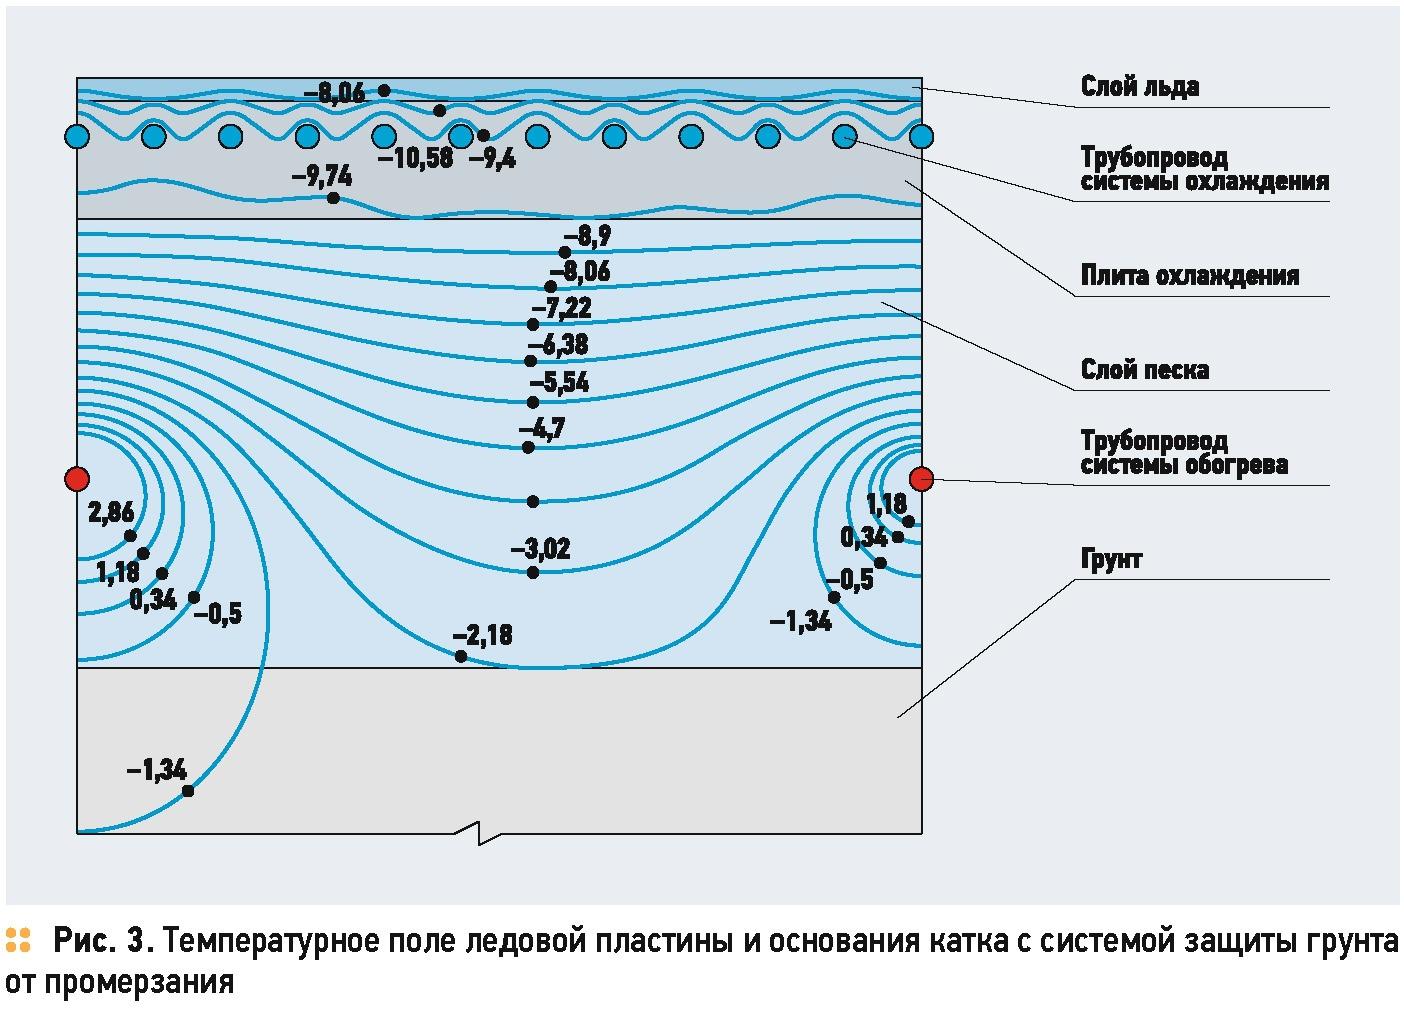 Пластины теплообменника Анвитэк ALX-50 Петрозаводск медь или нержавейка для теплообменника